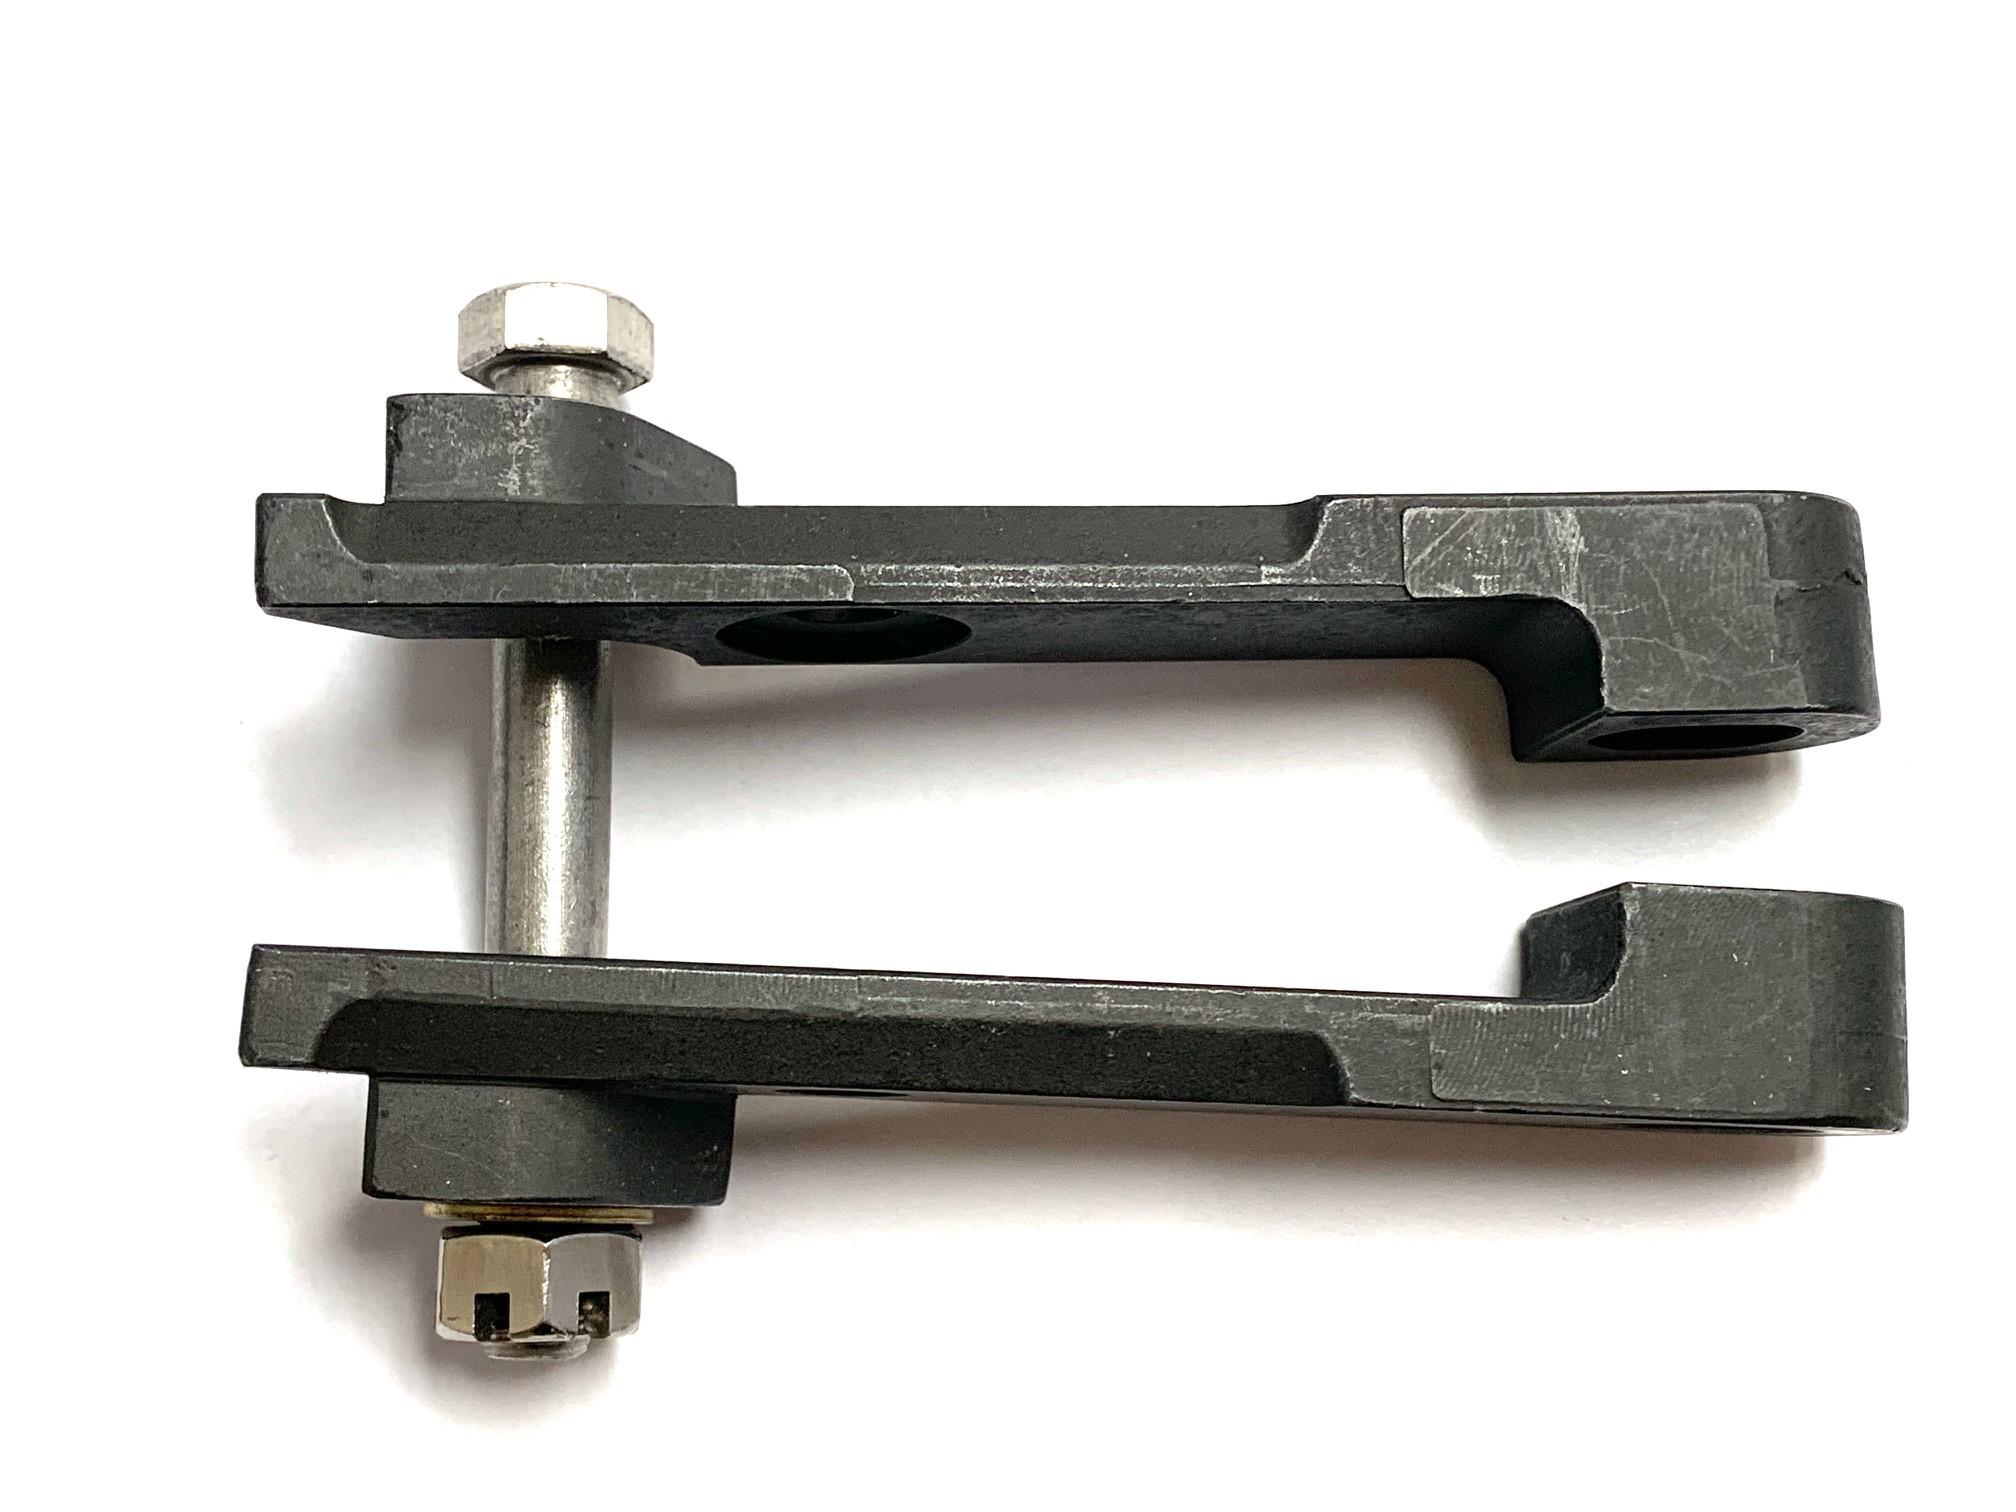 MK64 50 cal adapter